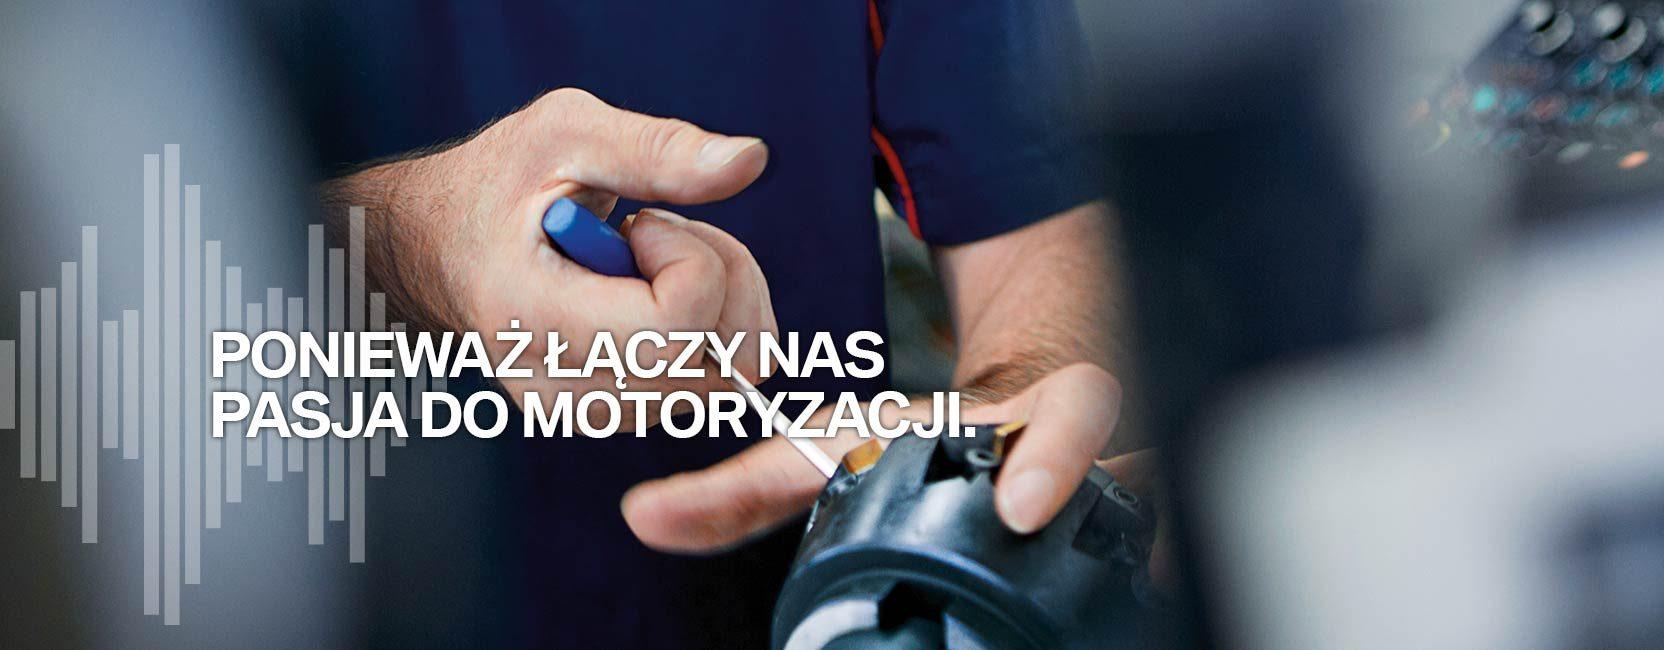 Łączy nas pasja do motoryzacji